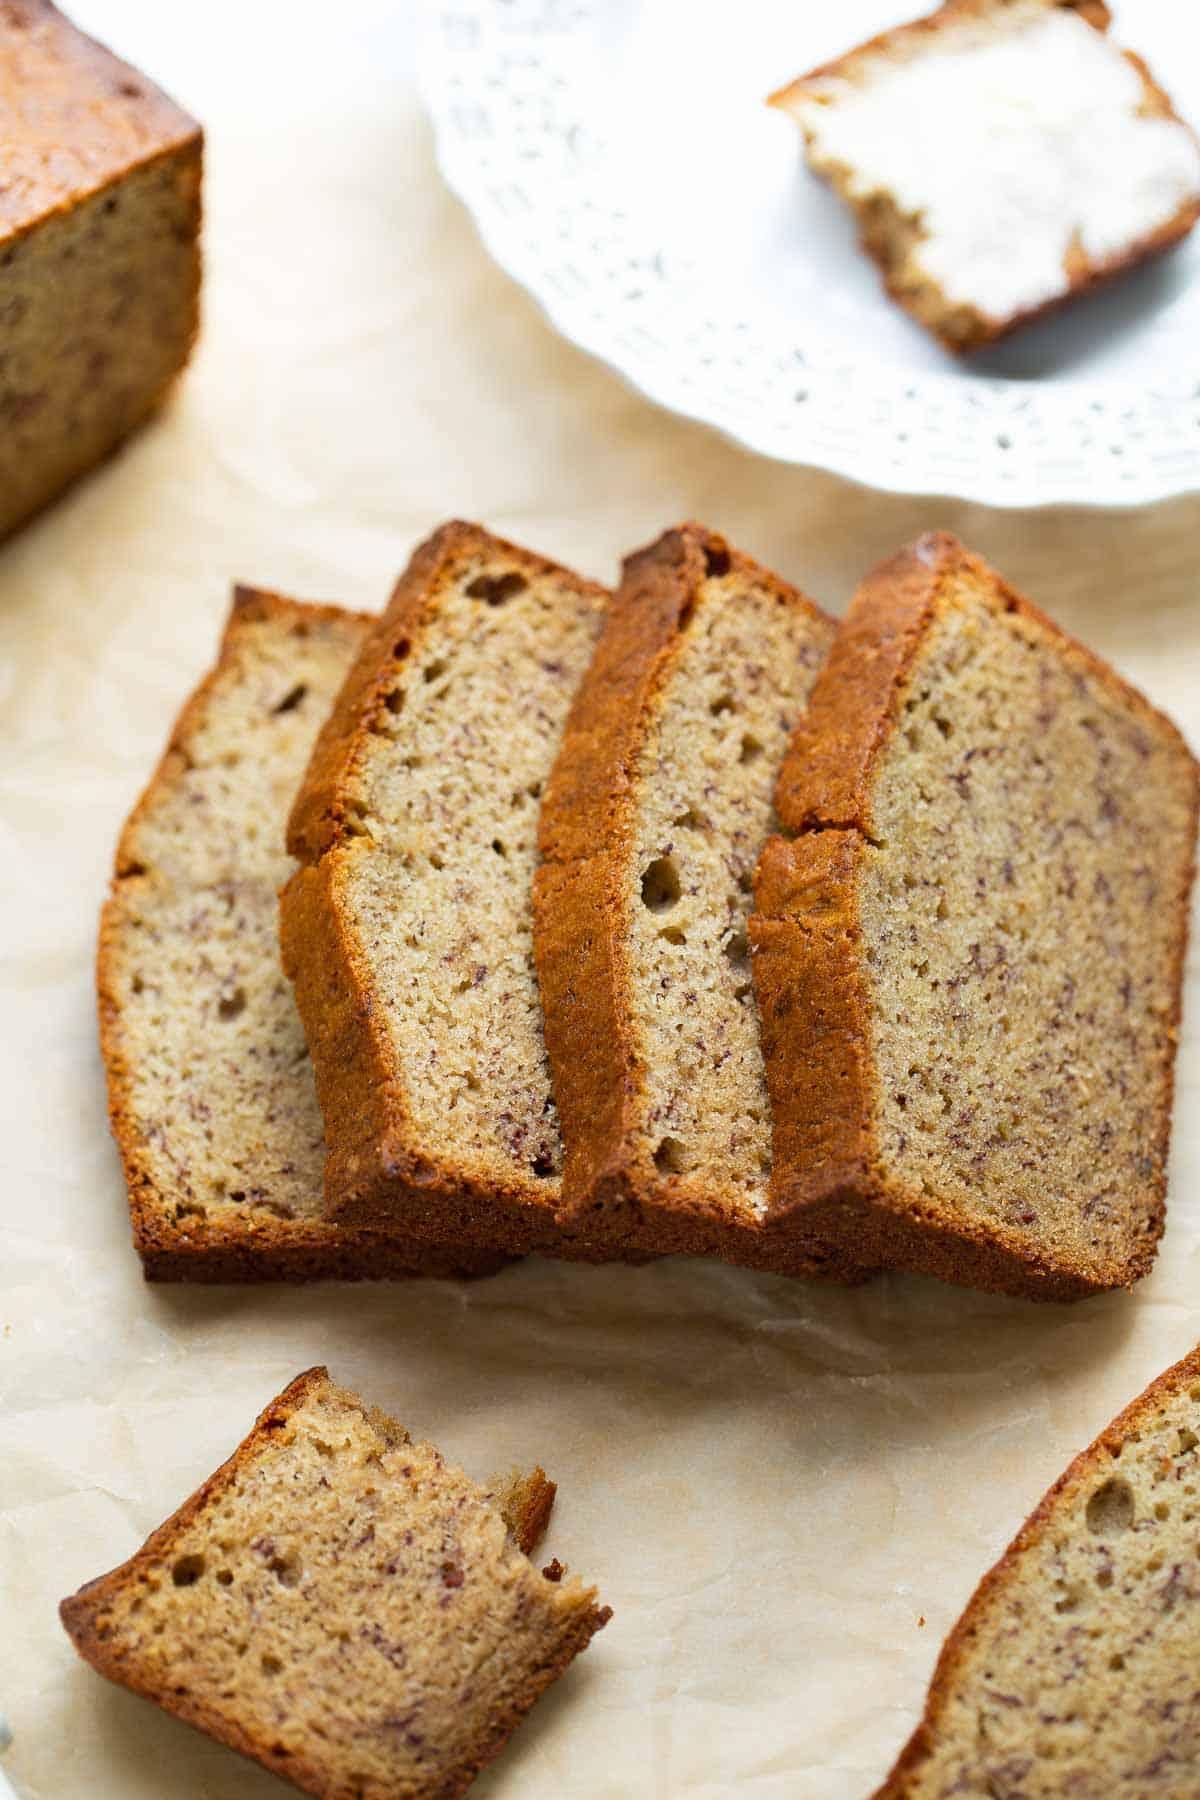 The Best Gluten-Free Banana Bread - Meaningful Eats